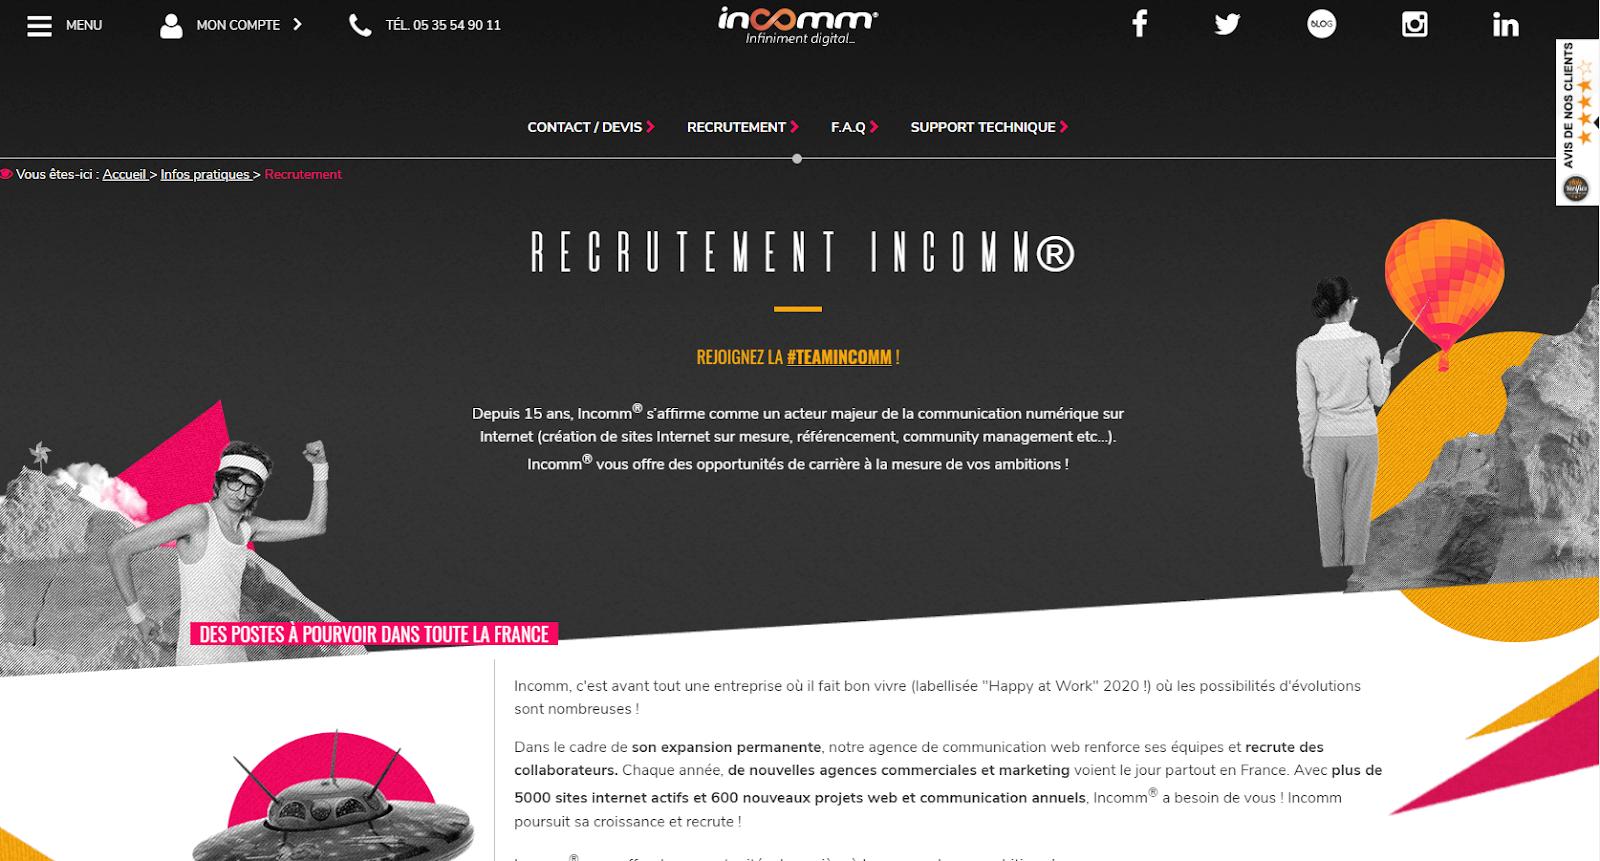 Incomm a su mettre en avant sa marque employeur grâce à son site carrière, généré par Taleez.